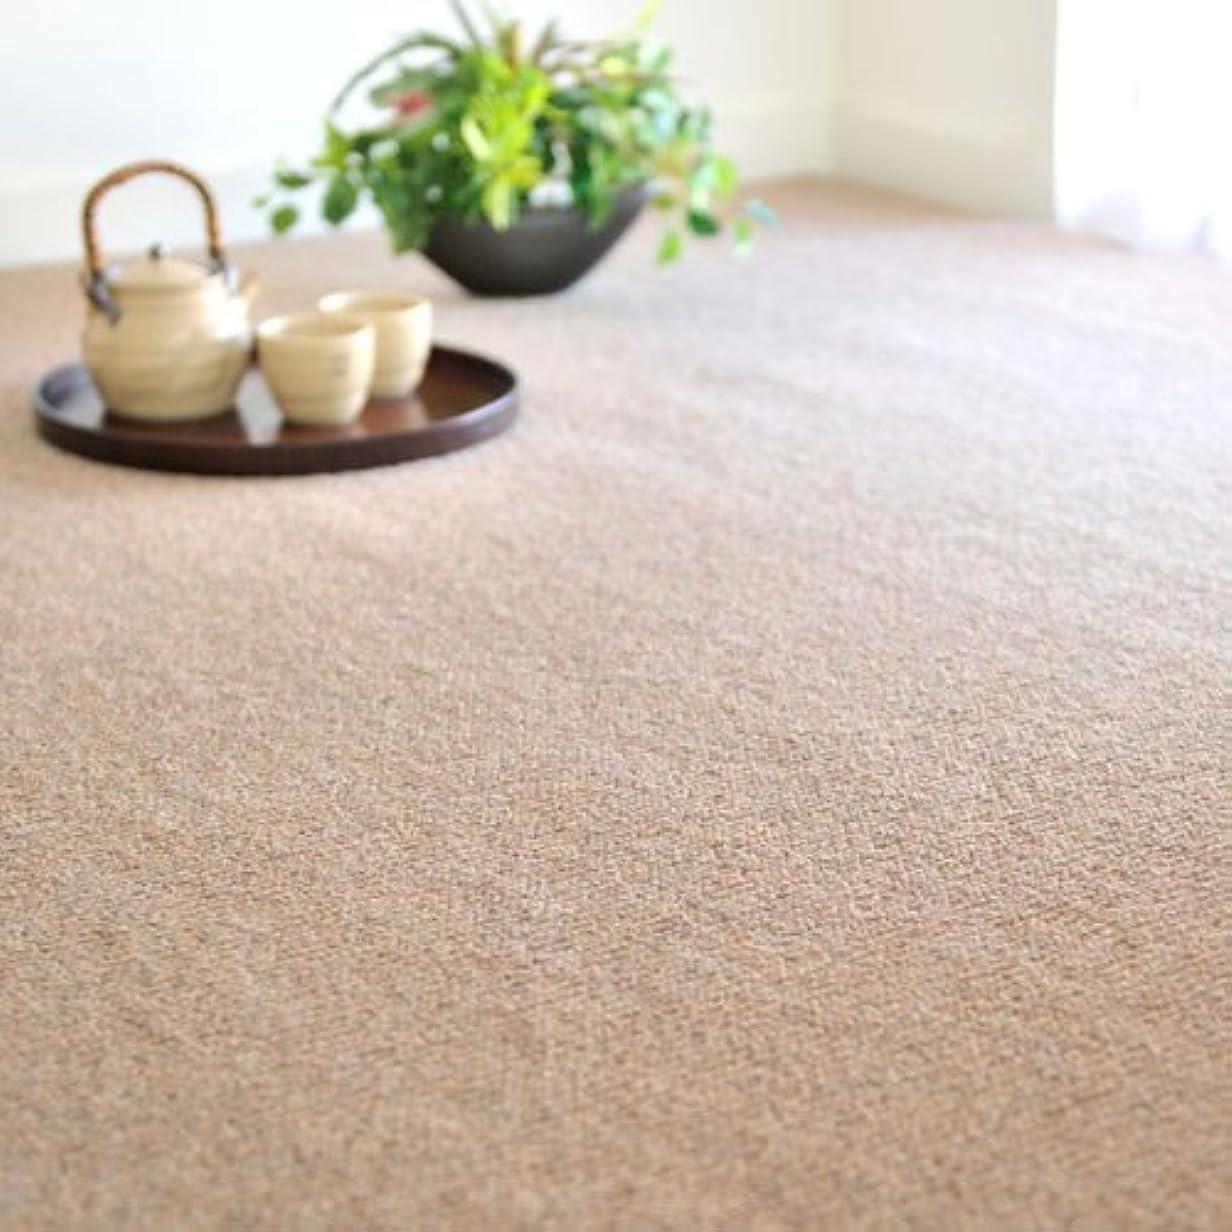 カウンターパート全く侵入するカーペット 6畳 なかね家具 ウール100% 天然素材 防ダニ 抗菌 防炎 6畳(261x352) ブラウン 055gra